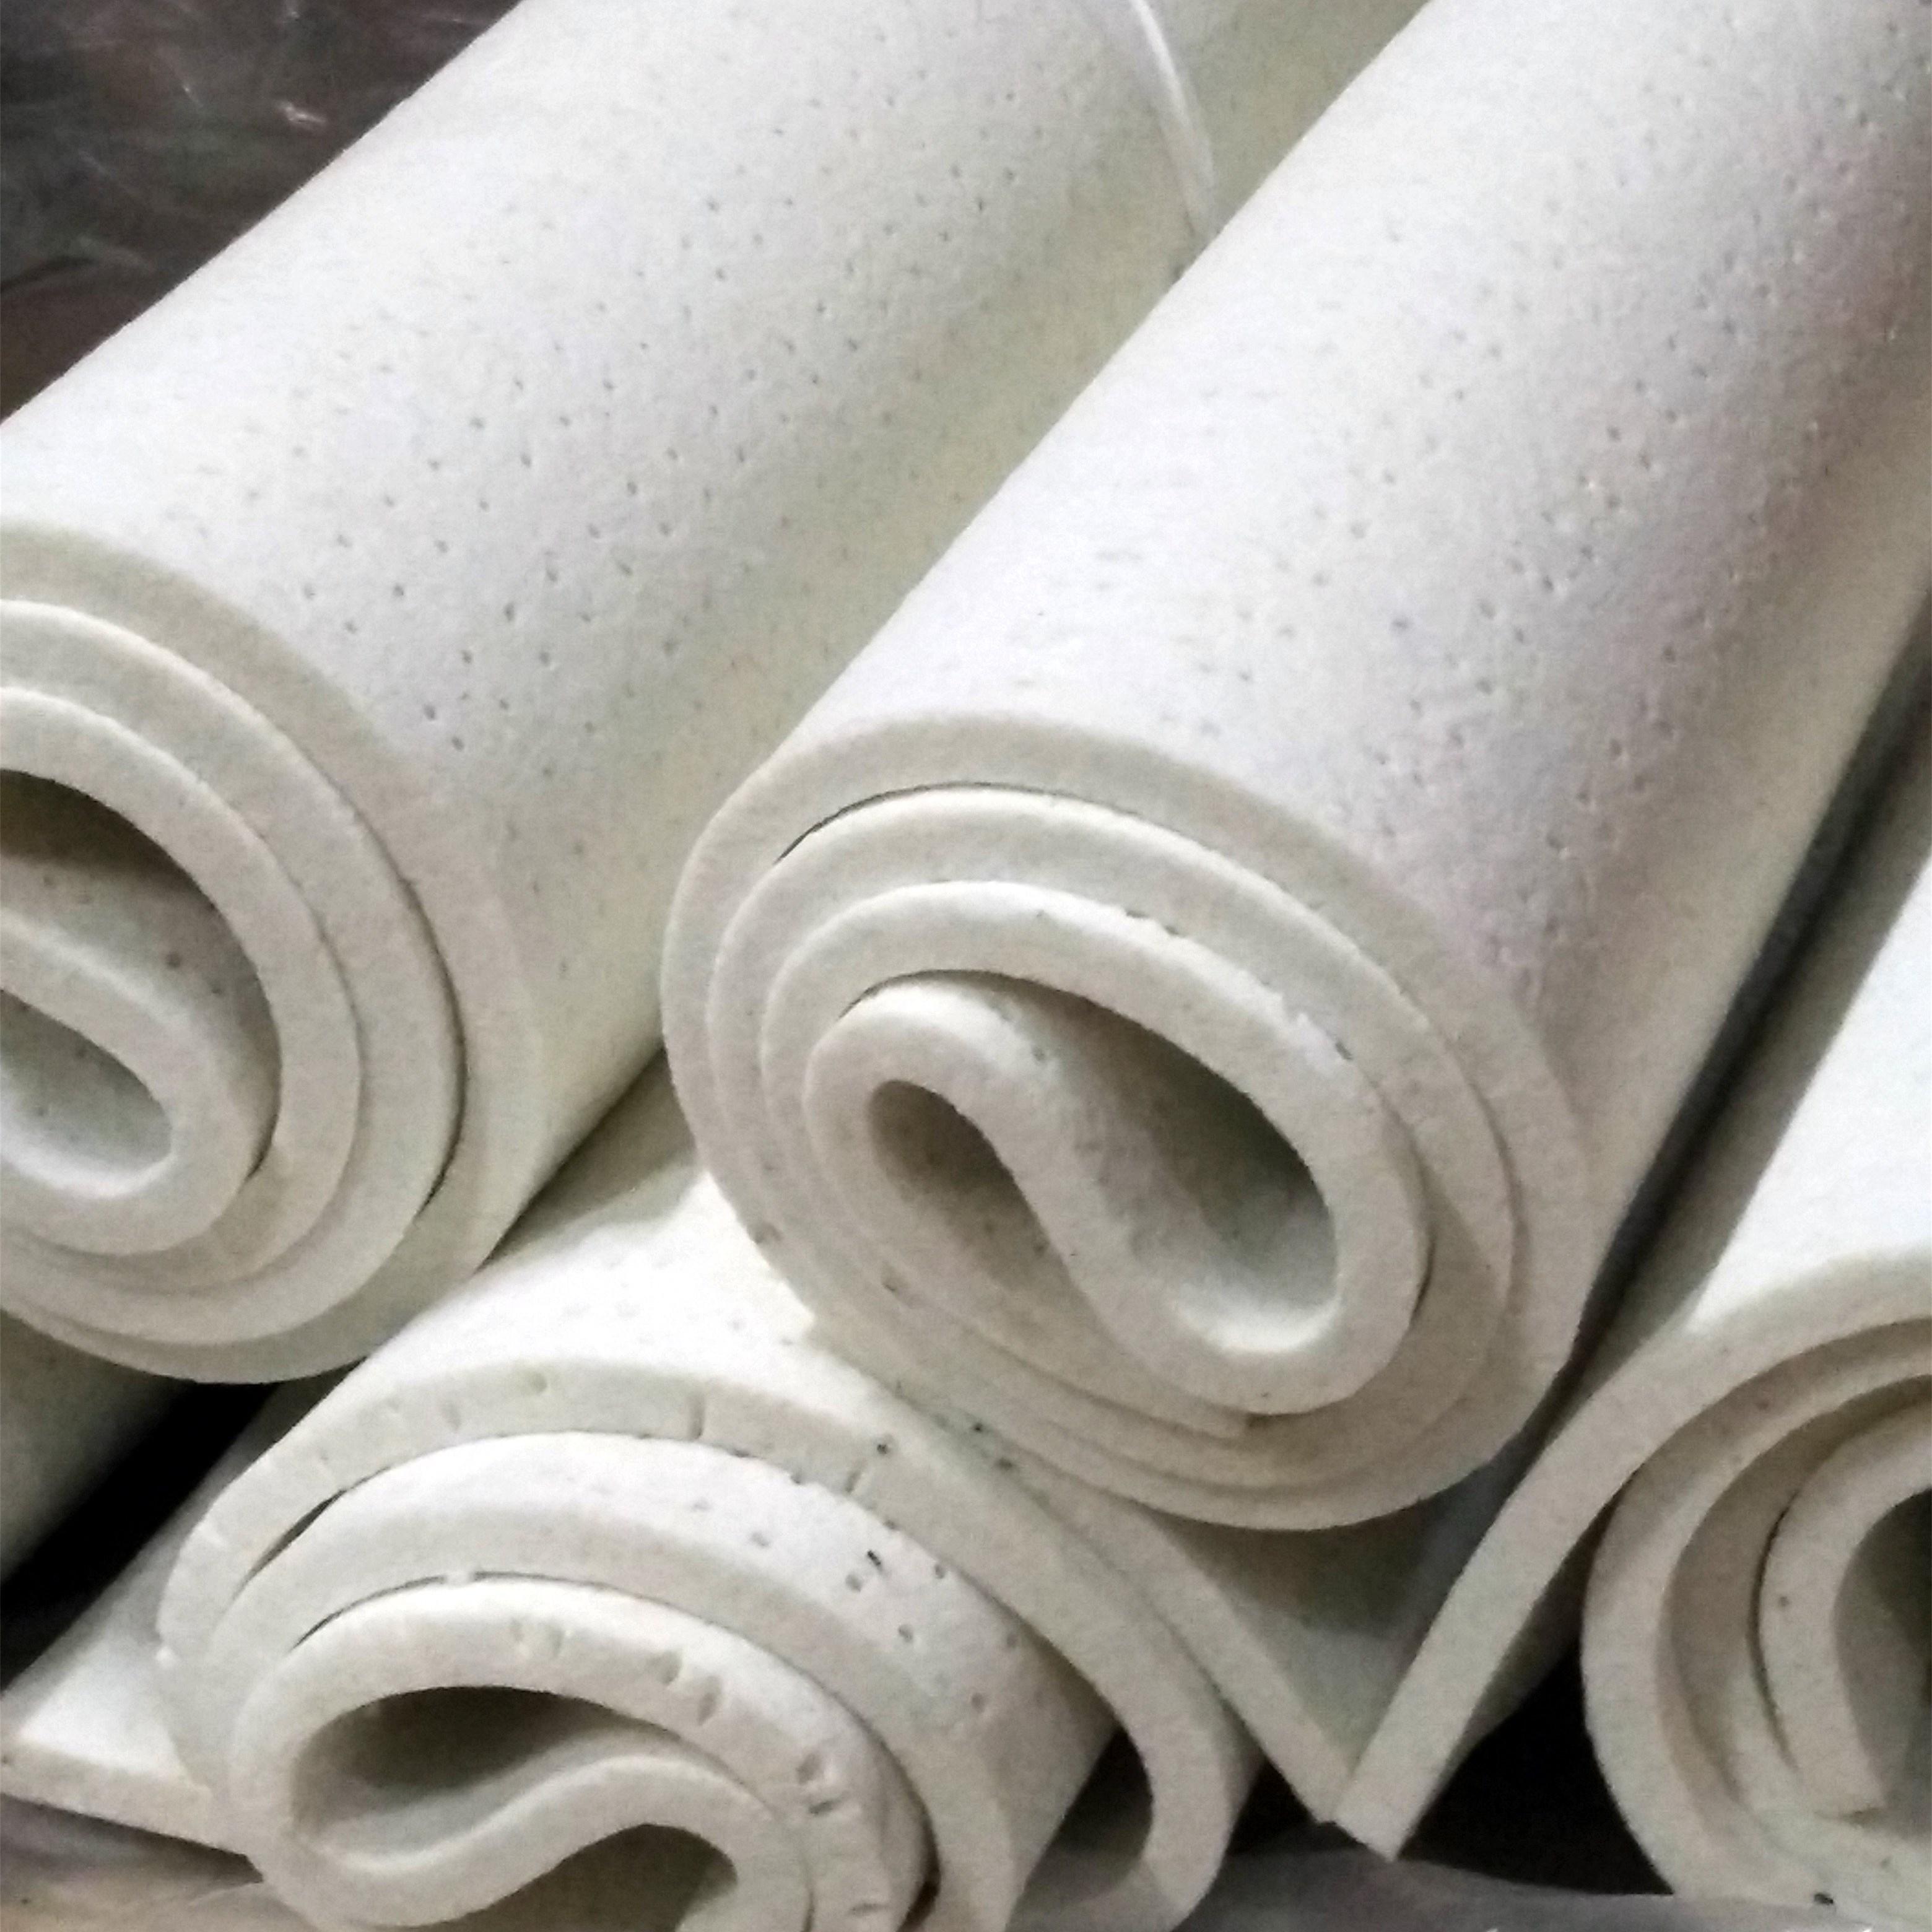 服装厂吸风烫台海绵大烫烫台床有孔海绵垫服装熨衣板垫加厚干洗店